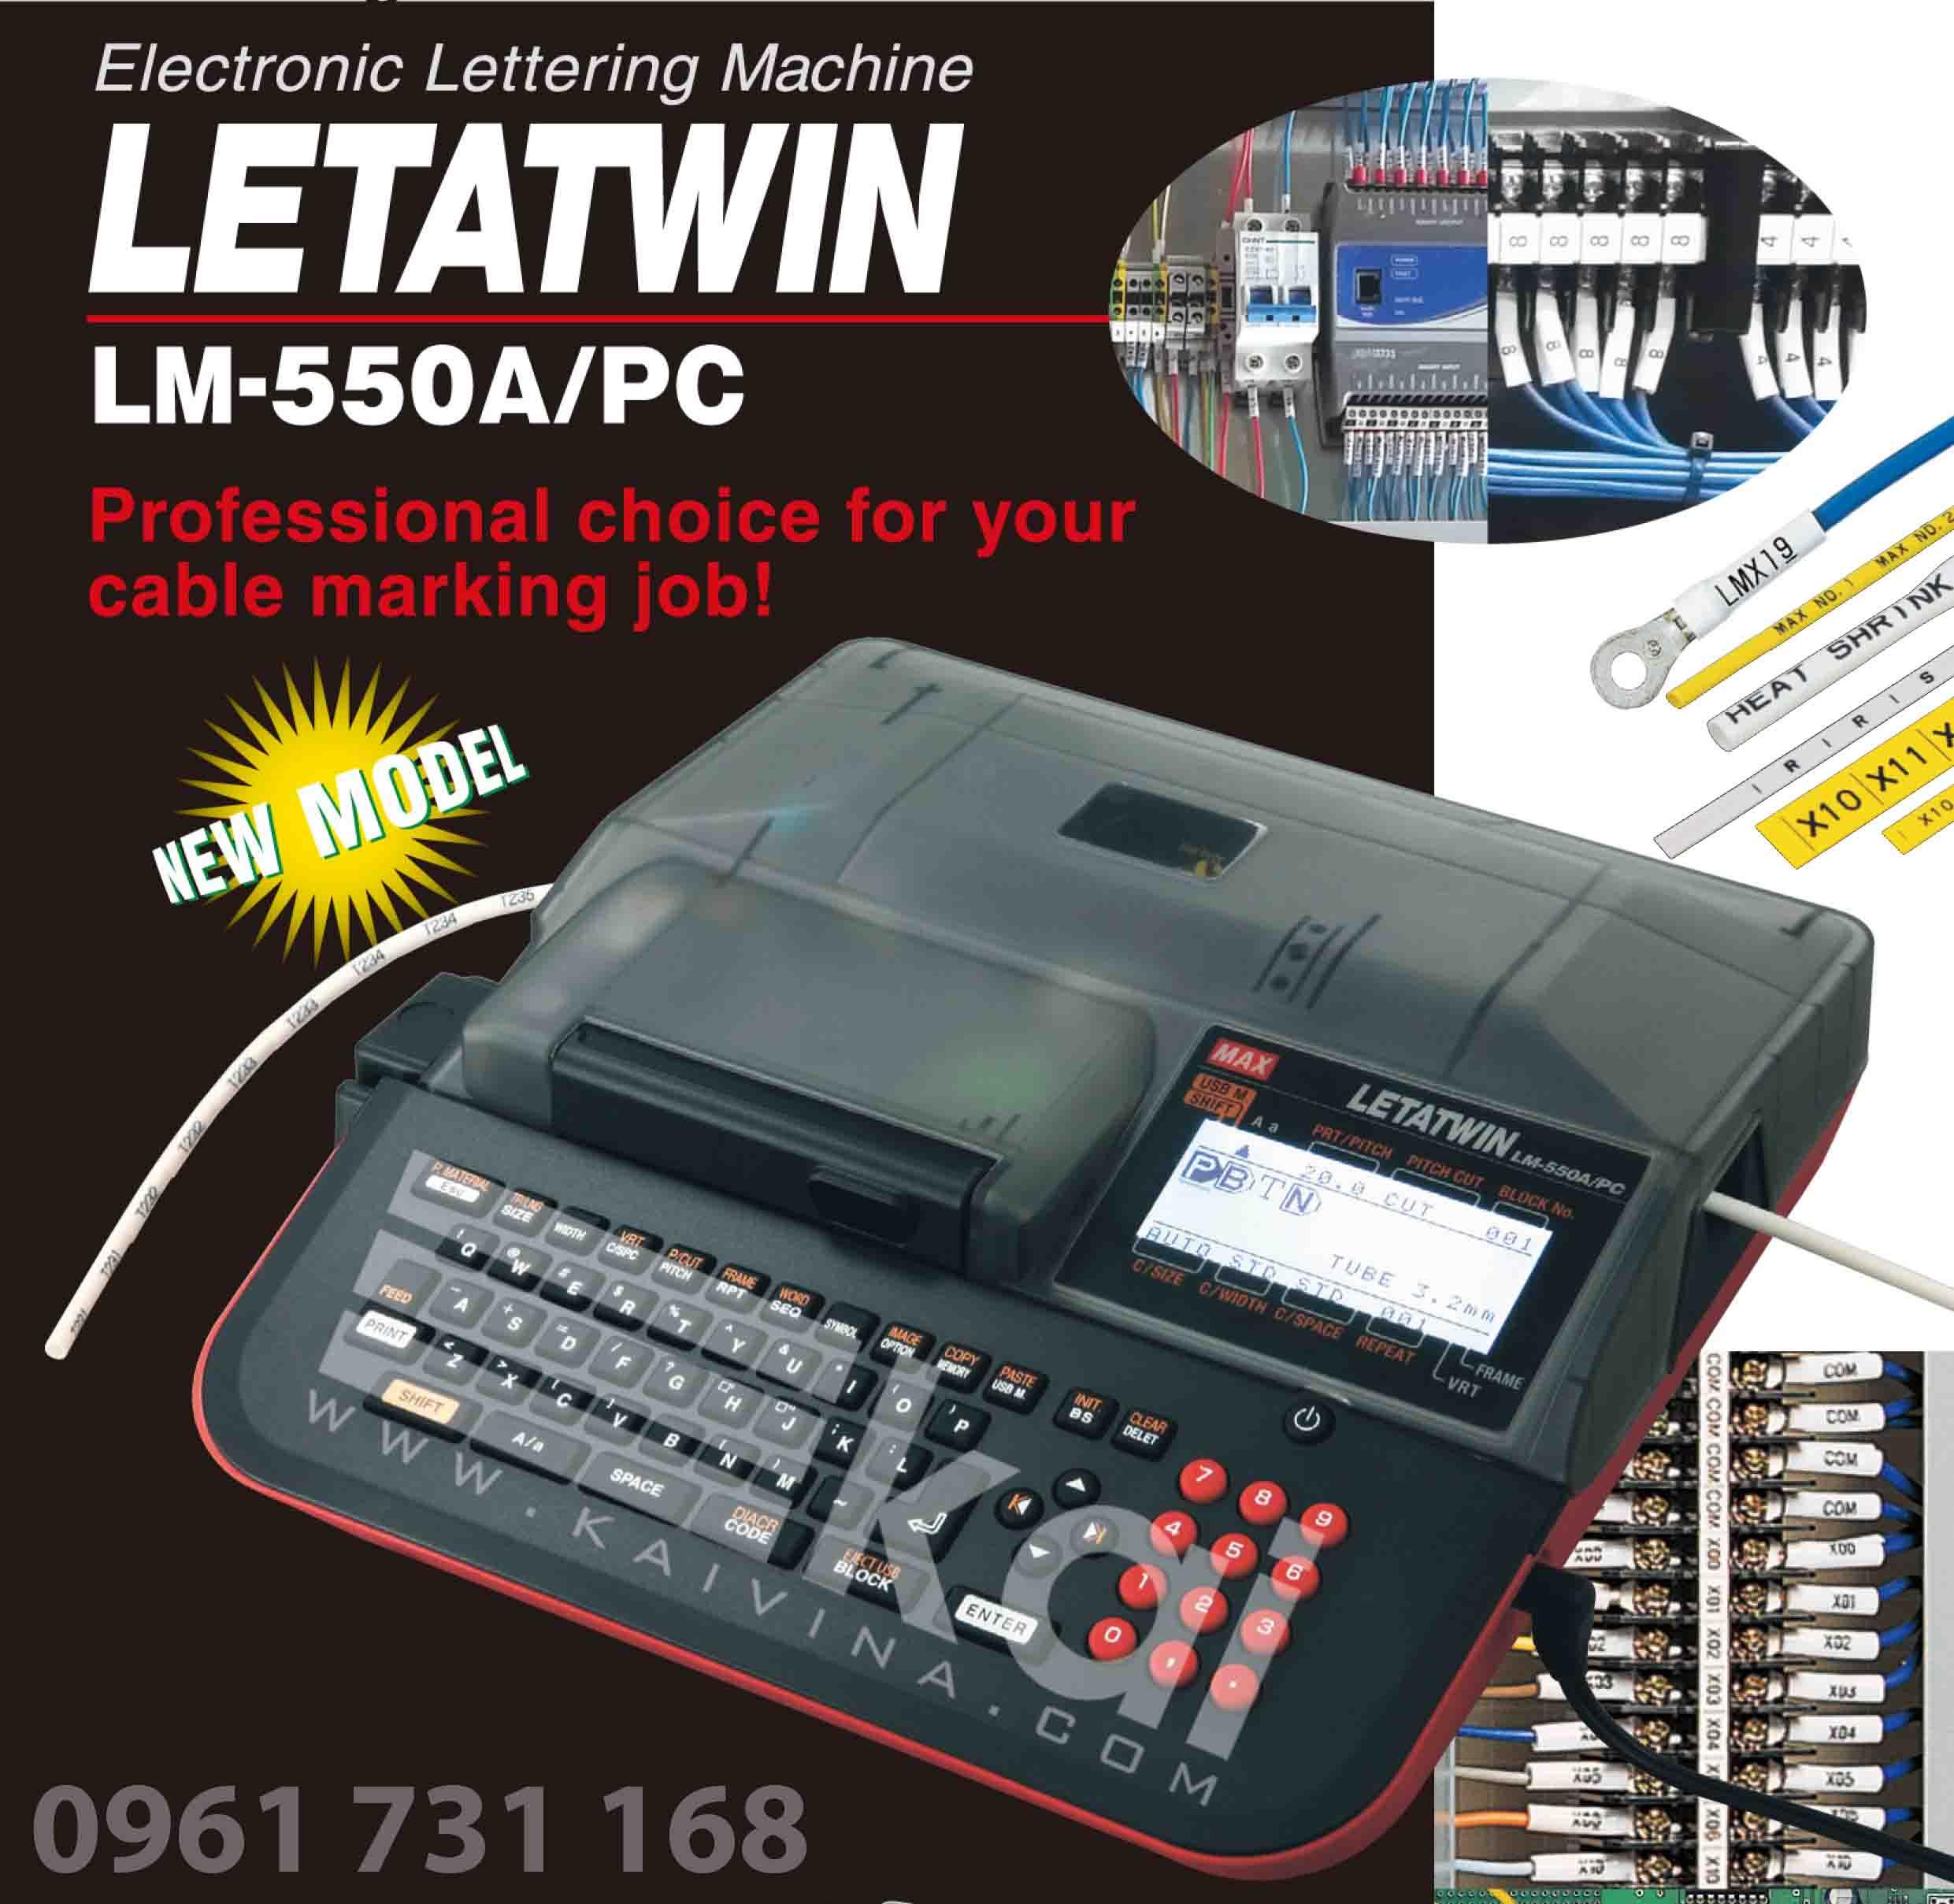 GIỚI THIỆU MÁY IN ĐẦU CỐT LETATWIN LM-550A/PC CỦA HÃNG MAX - JAPAN